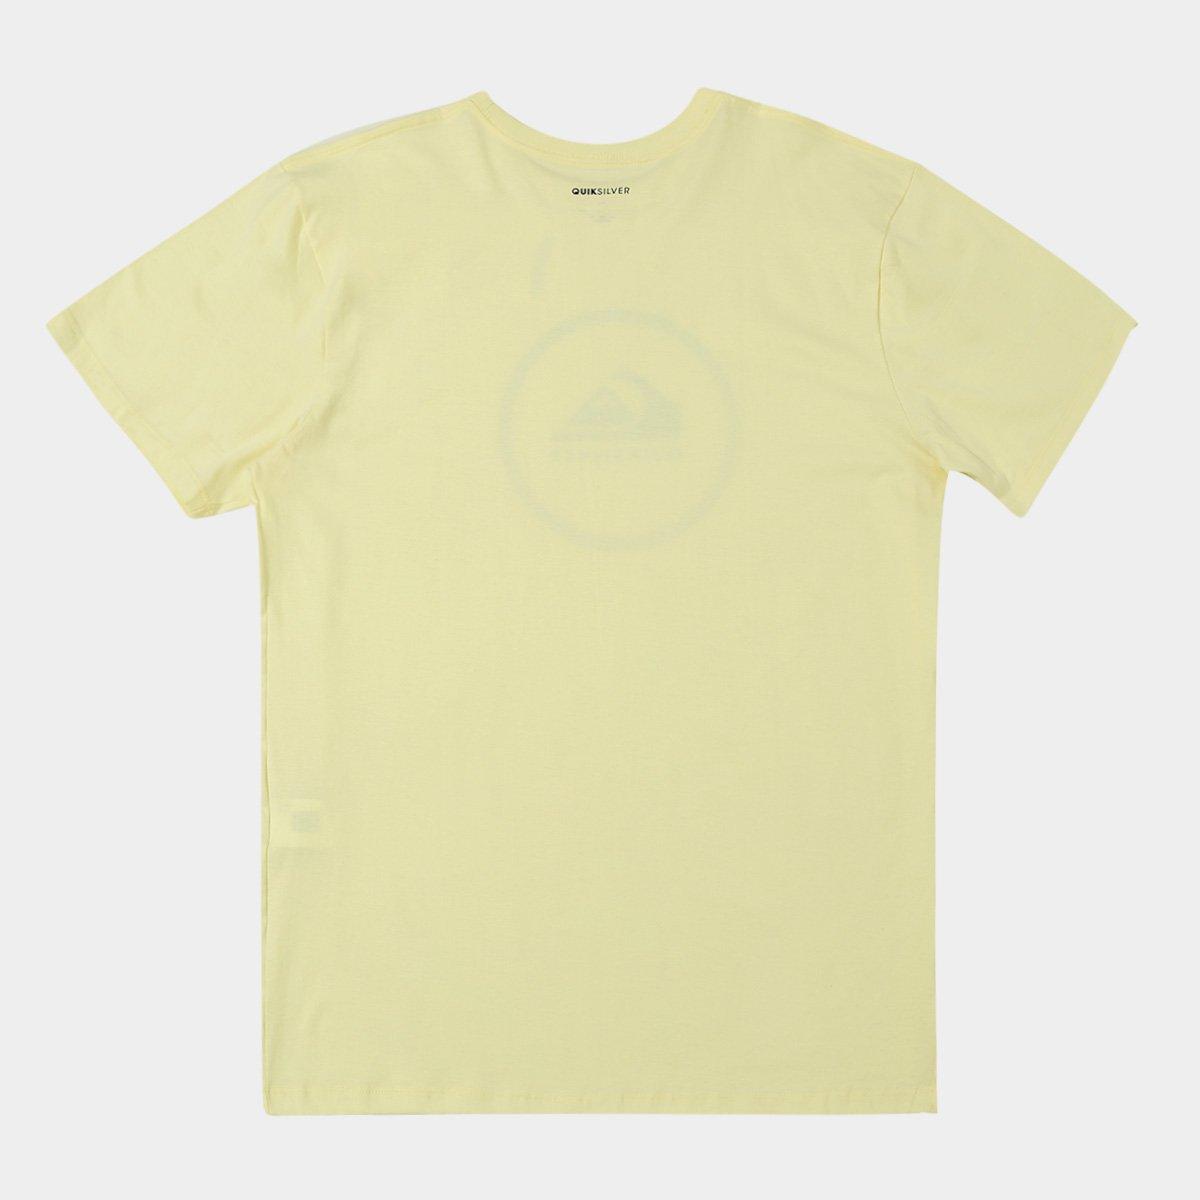 Camiseta Plus Size Quiksilver Active Logo Masculina - Compre Agora ... 8407697444